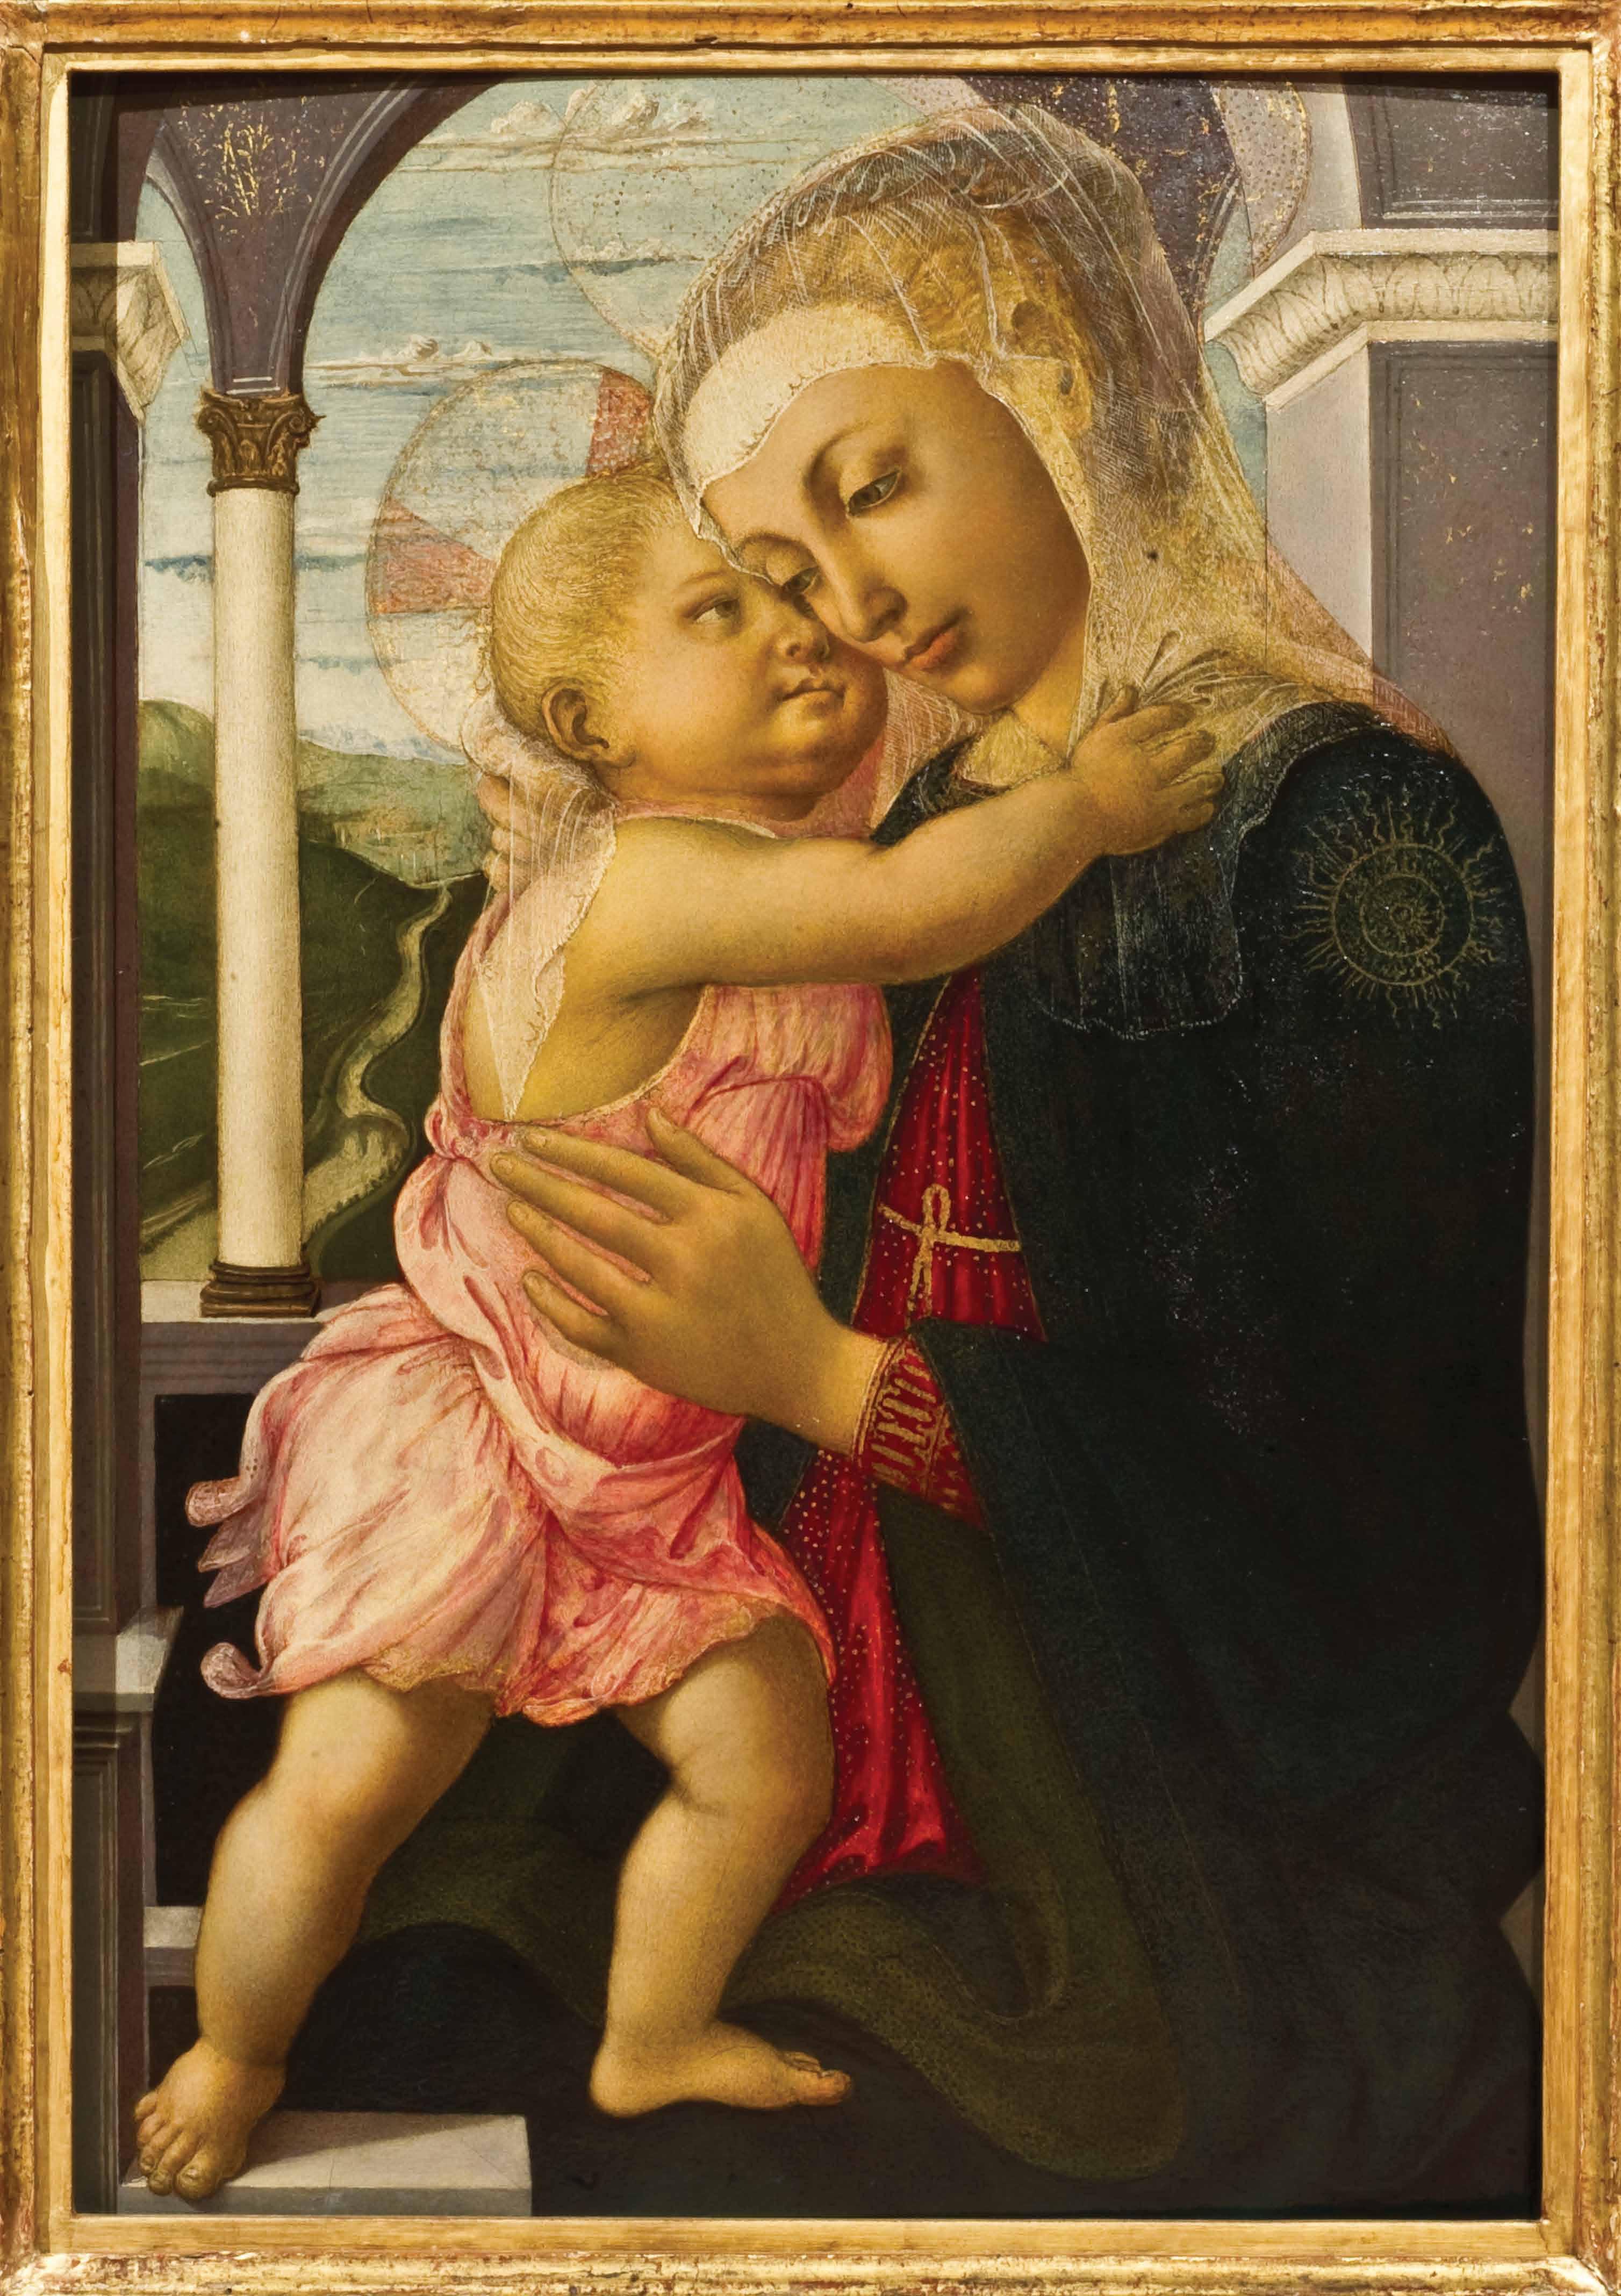 Sandro Botticelli, La Madonna della Loggia,  1466–1467, Gallerie degli Uffizi. ©Gabinetto fotografico delle Gallerie degli Uffizi